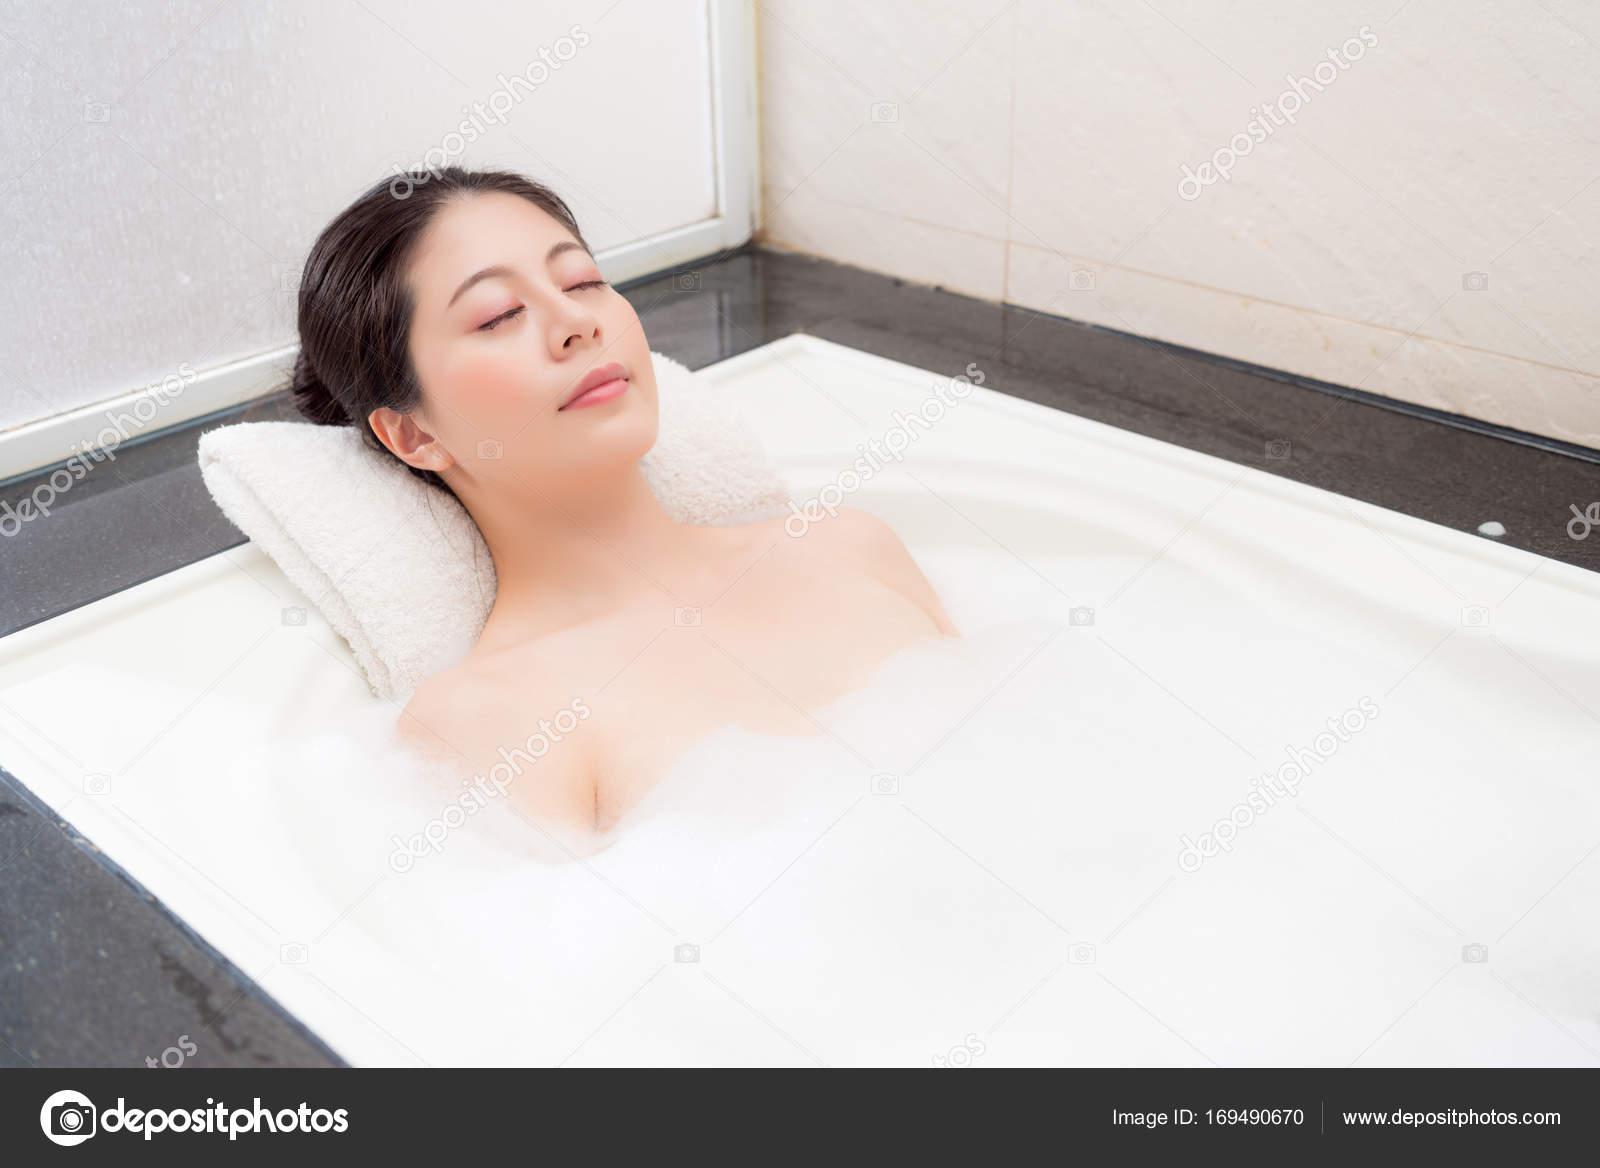 Vasca Da Bagno Del Tempo : Il tempo del bagno è divertimento visualizzazione delle immagini